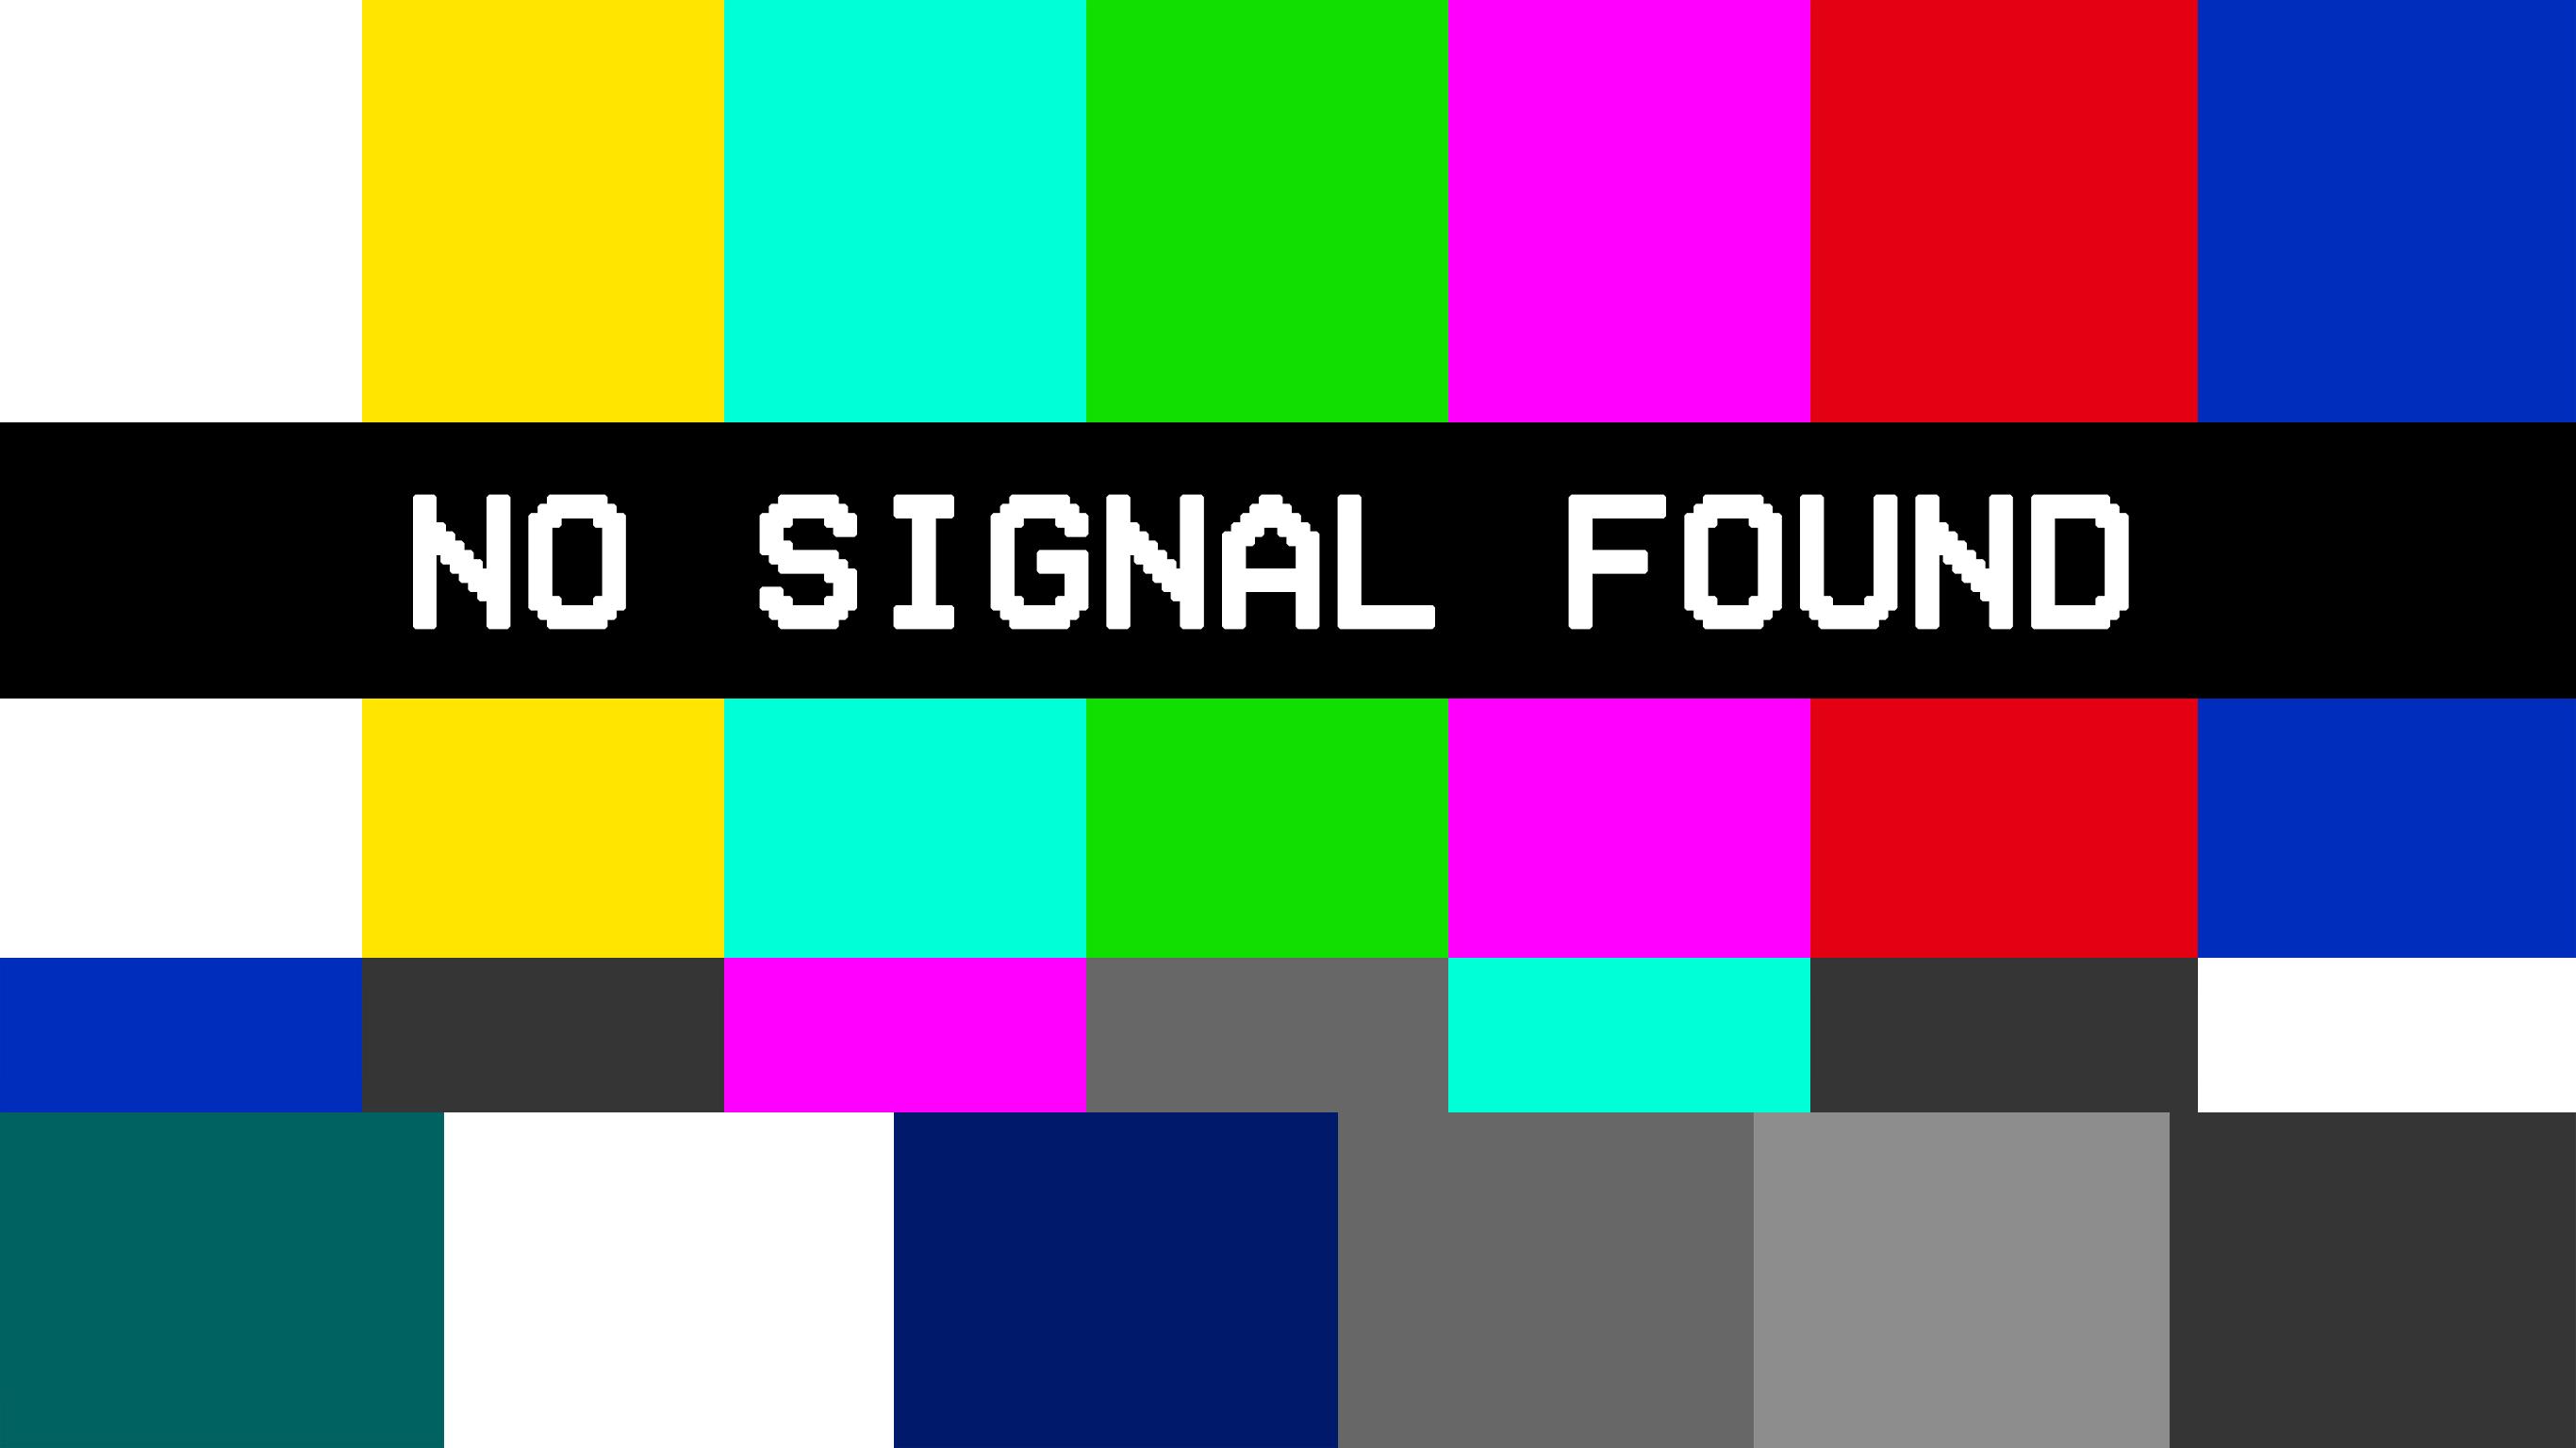 PRO TV ar putea ieși de pe Telekom și Nextgen! Asta, după schimbarea sponsorului principal de la Românii au Talent